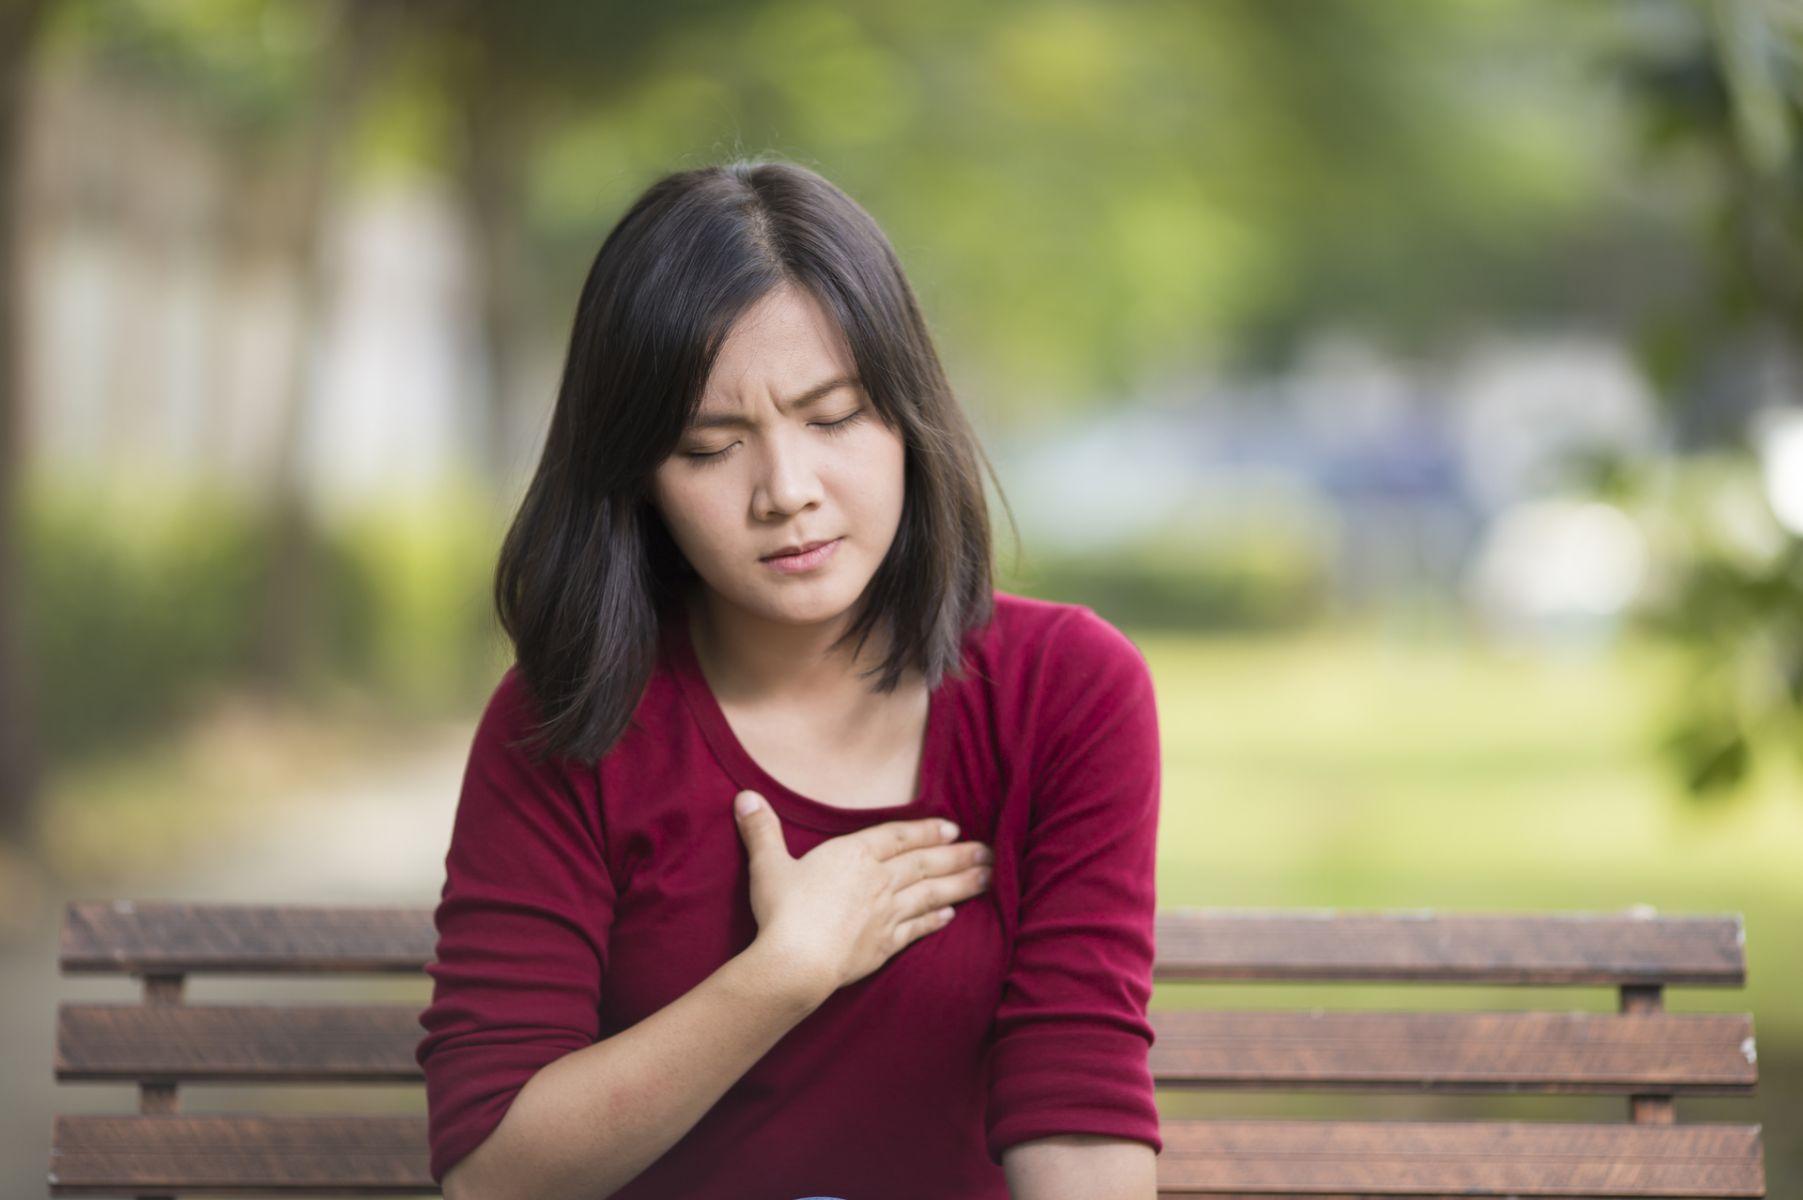 胸悶、暈眩恐是心臟病前兆 醫師教你這樣護心